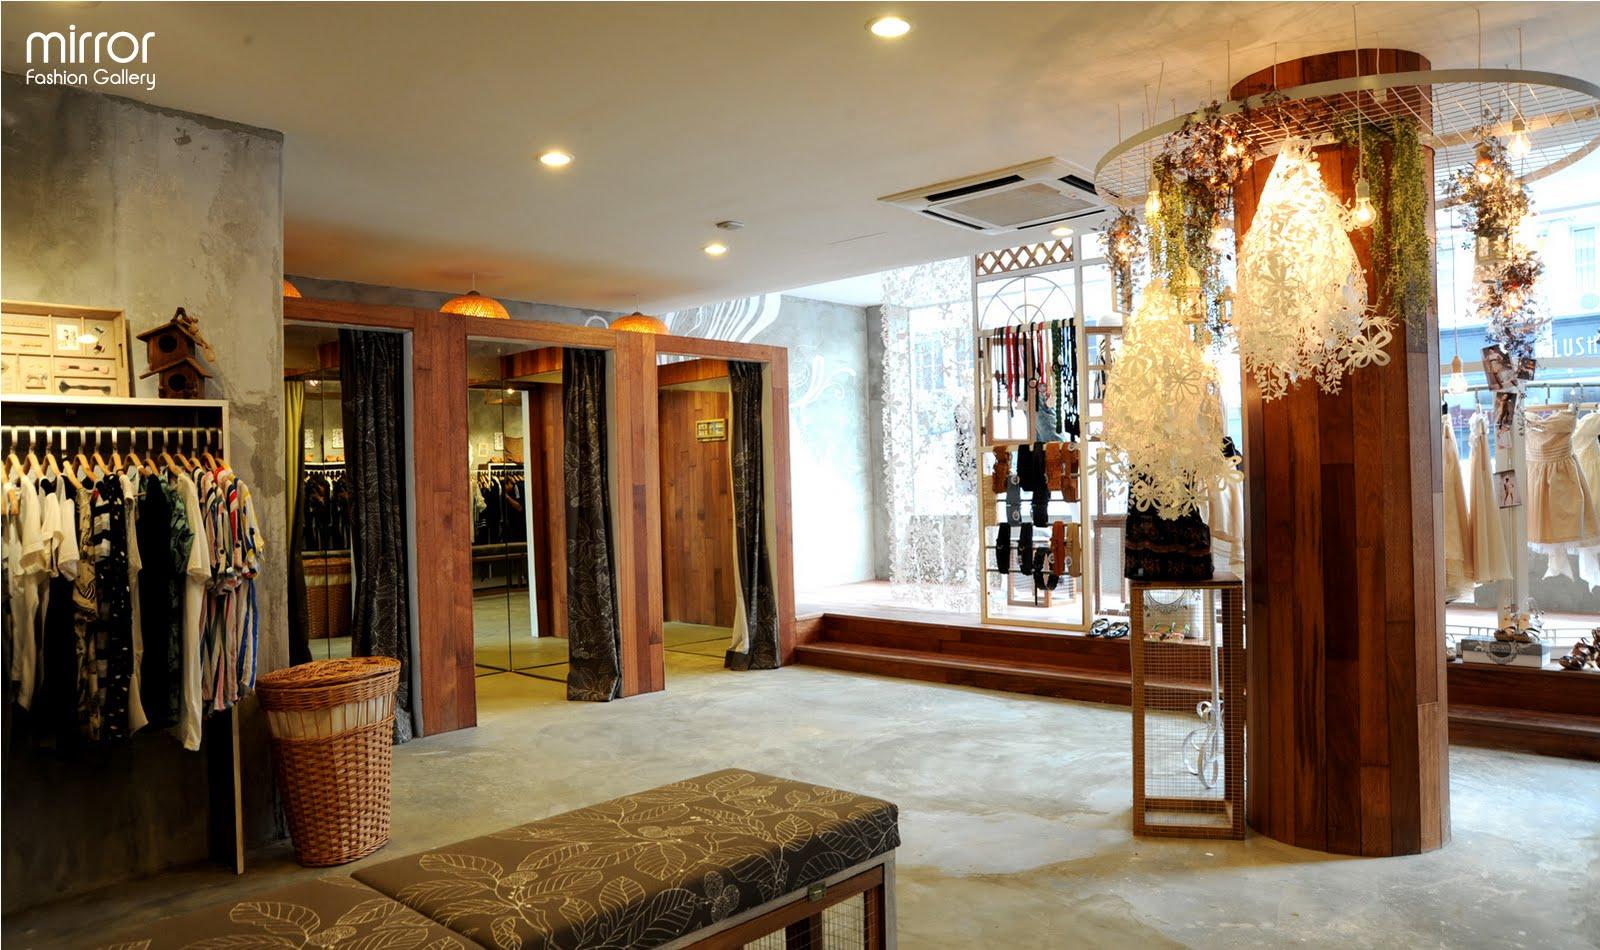 Mirror fashion gallery mirror fashion gallery for Boutique miroir